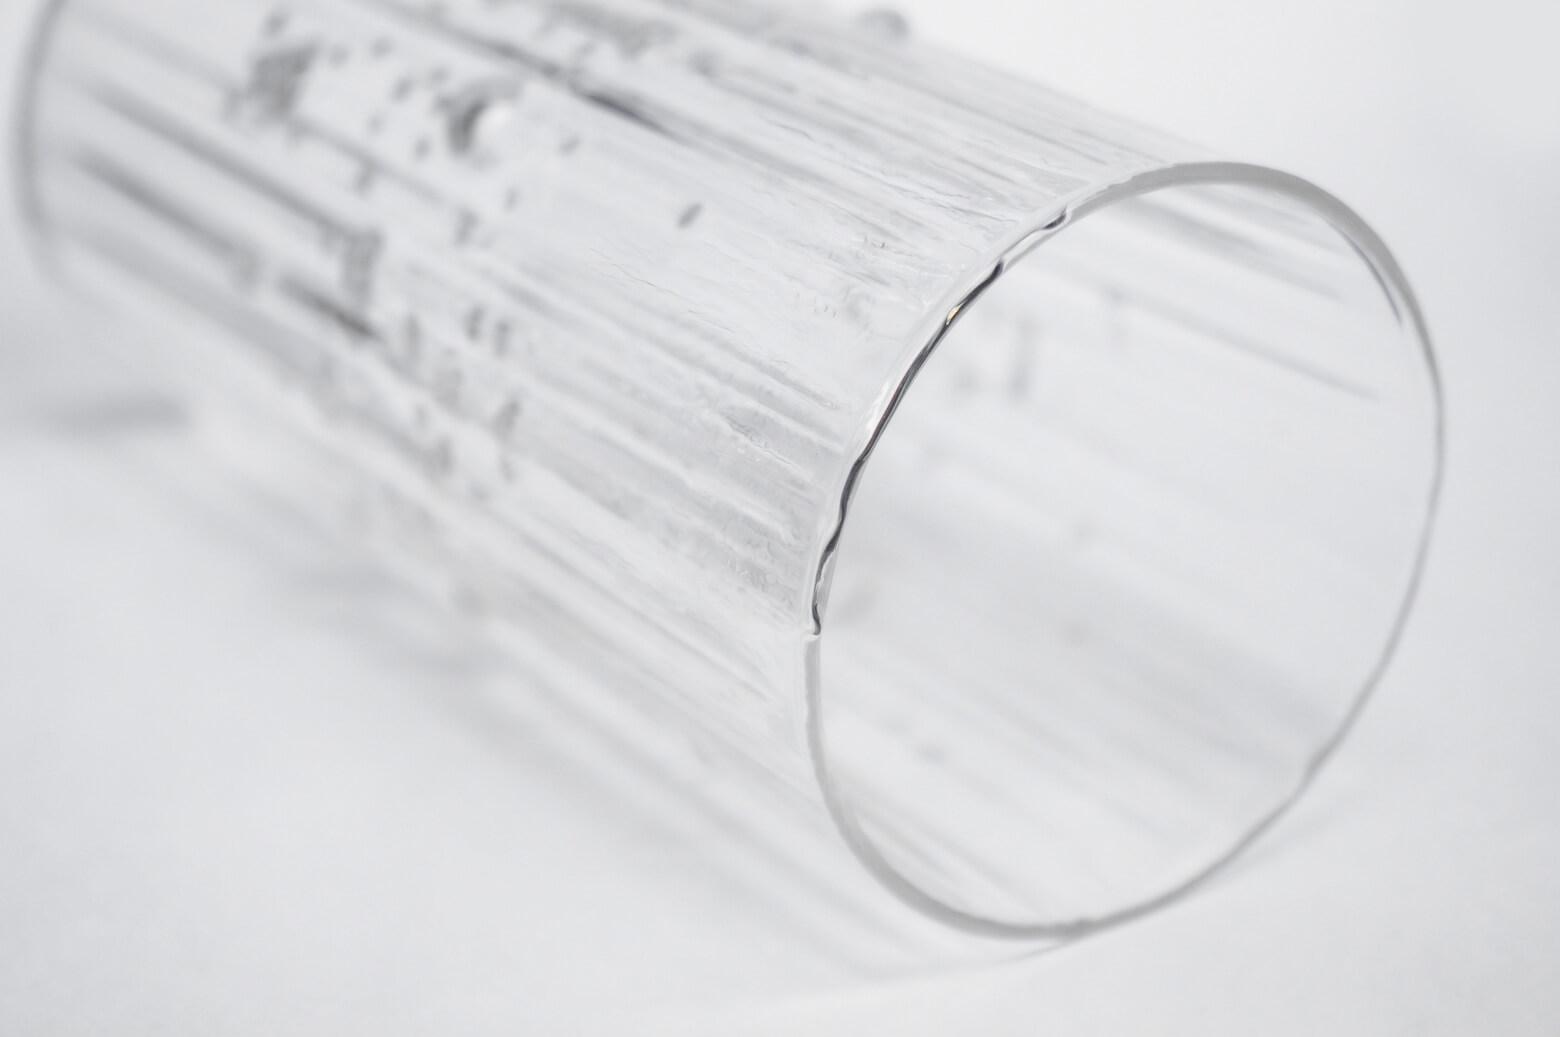 iittala mesi Glass Tumbler Tapio Wirkkala/イッタラ メシ タピオ ヴィルカラ グラス 10